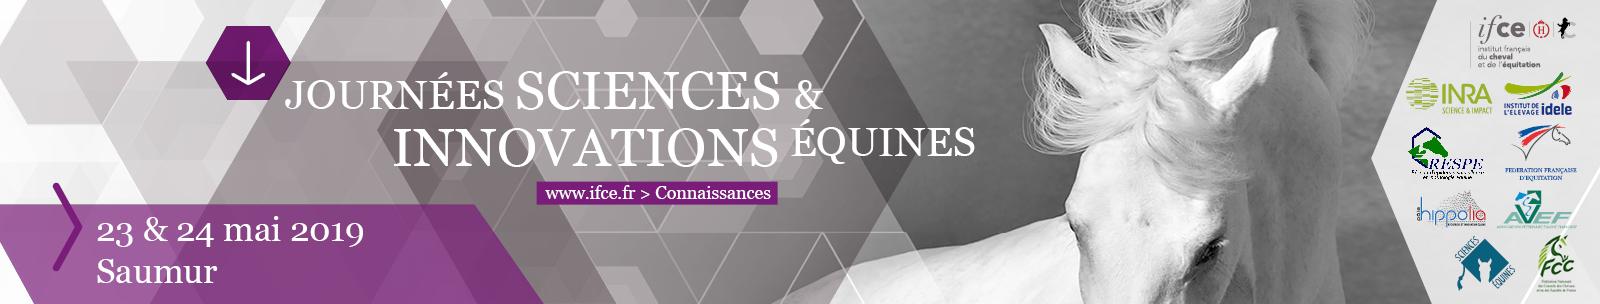 Journées Sciences et Innovations Equines